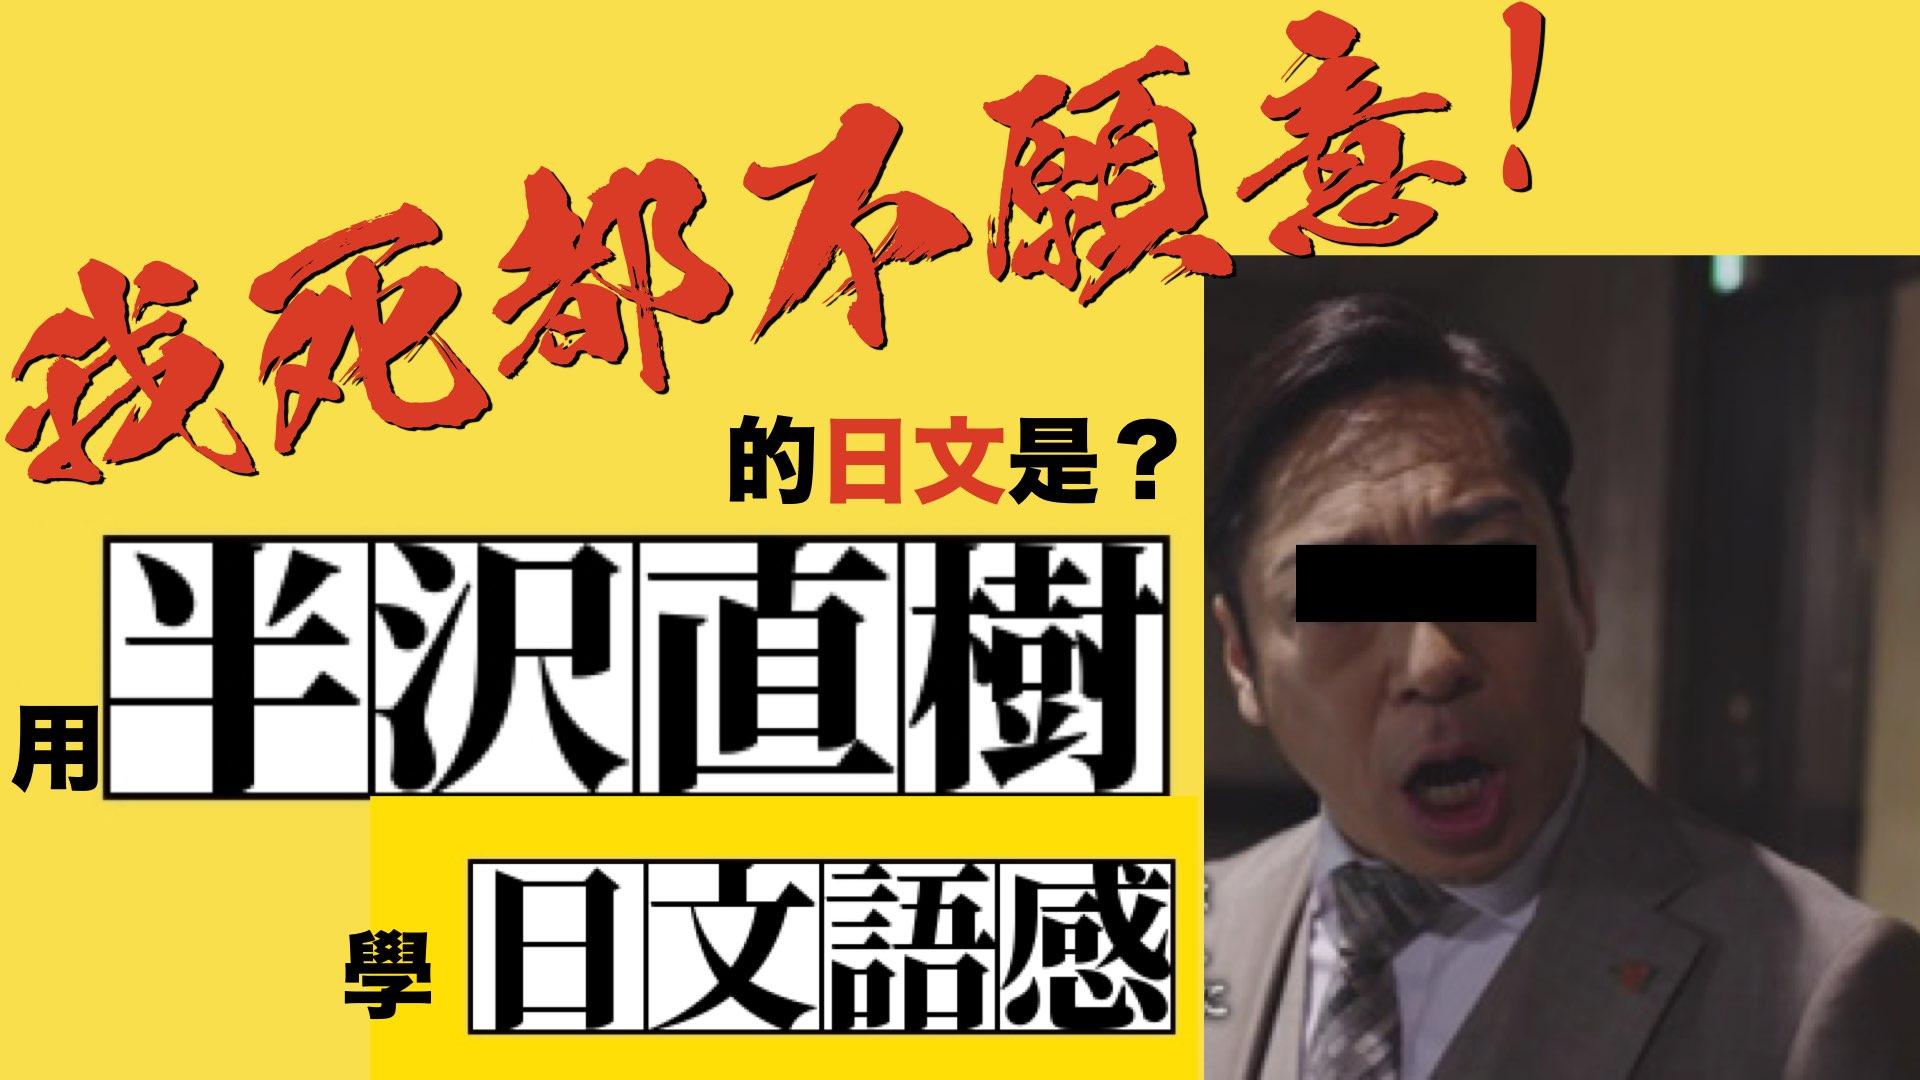 「我死都不願意」的日文是?從半澤直樹的台詞來學日文/「我死都不願意」の日本語は?半沢直樹のセリフで学ぶ日本語